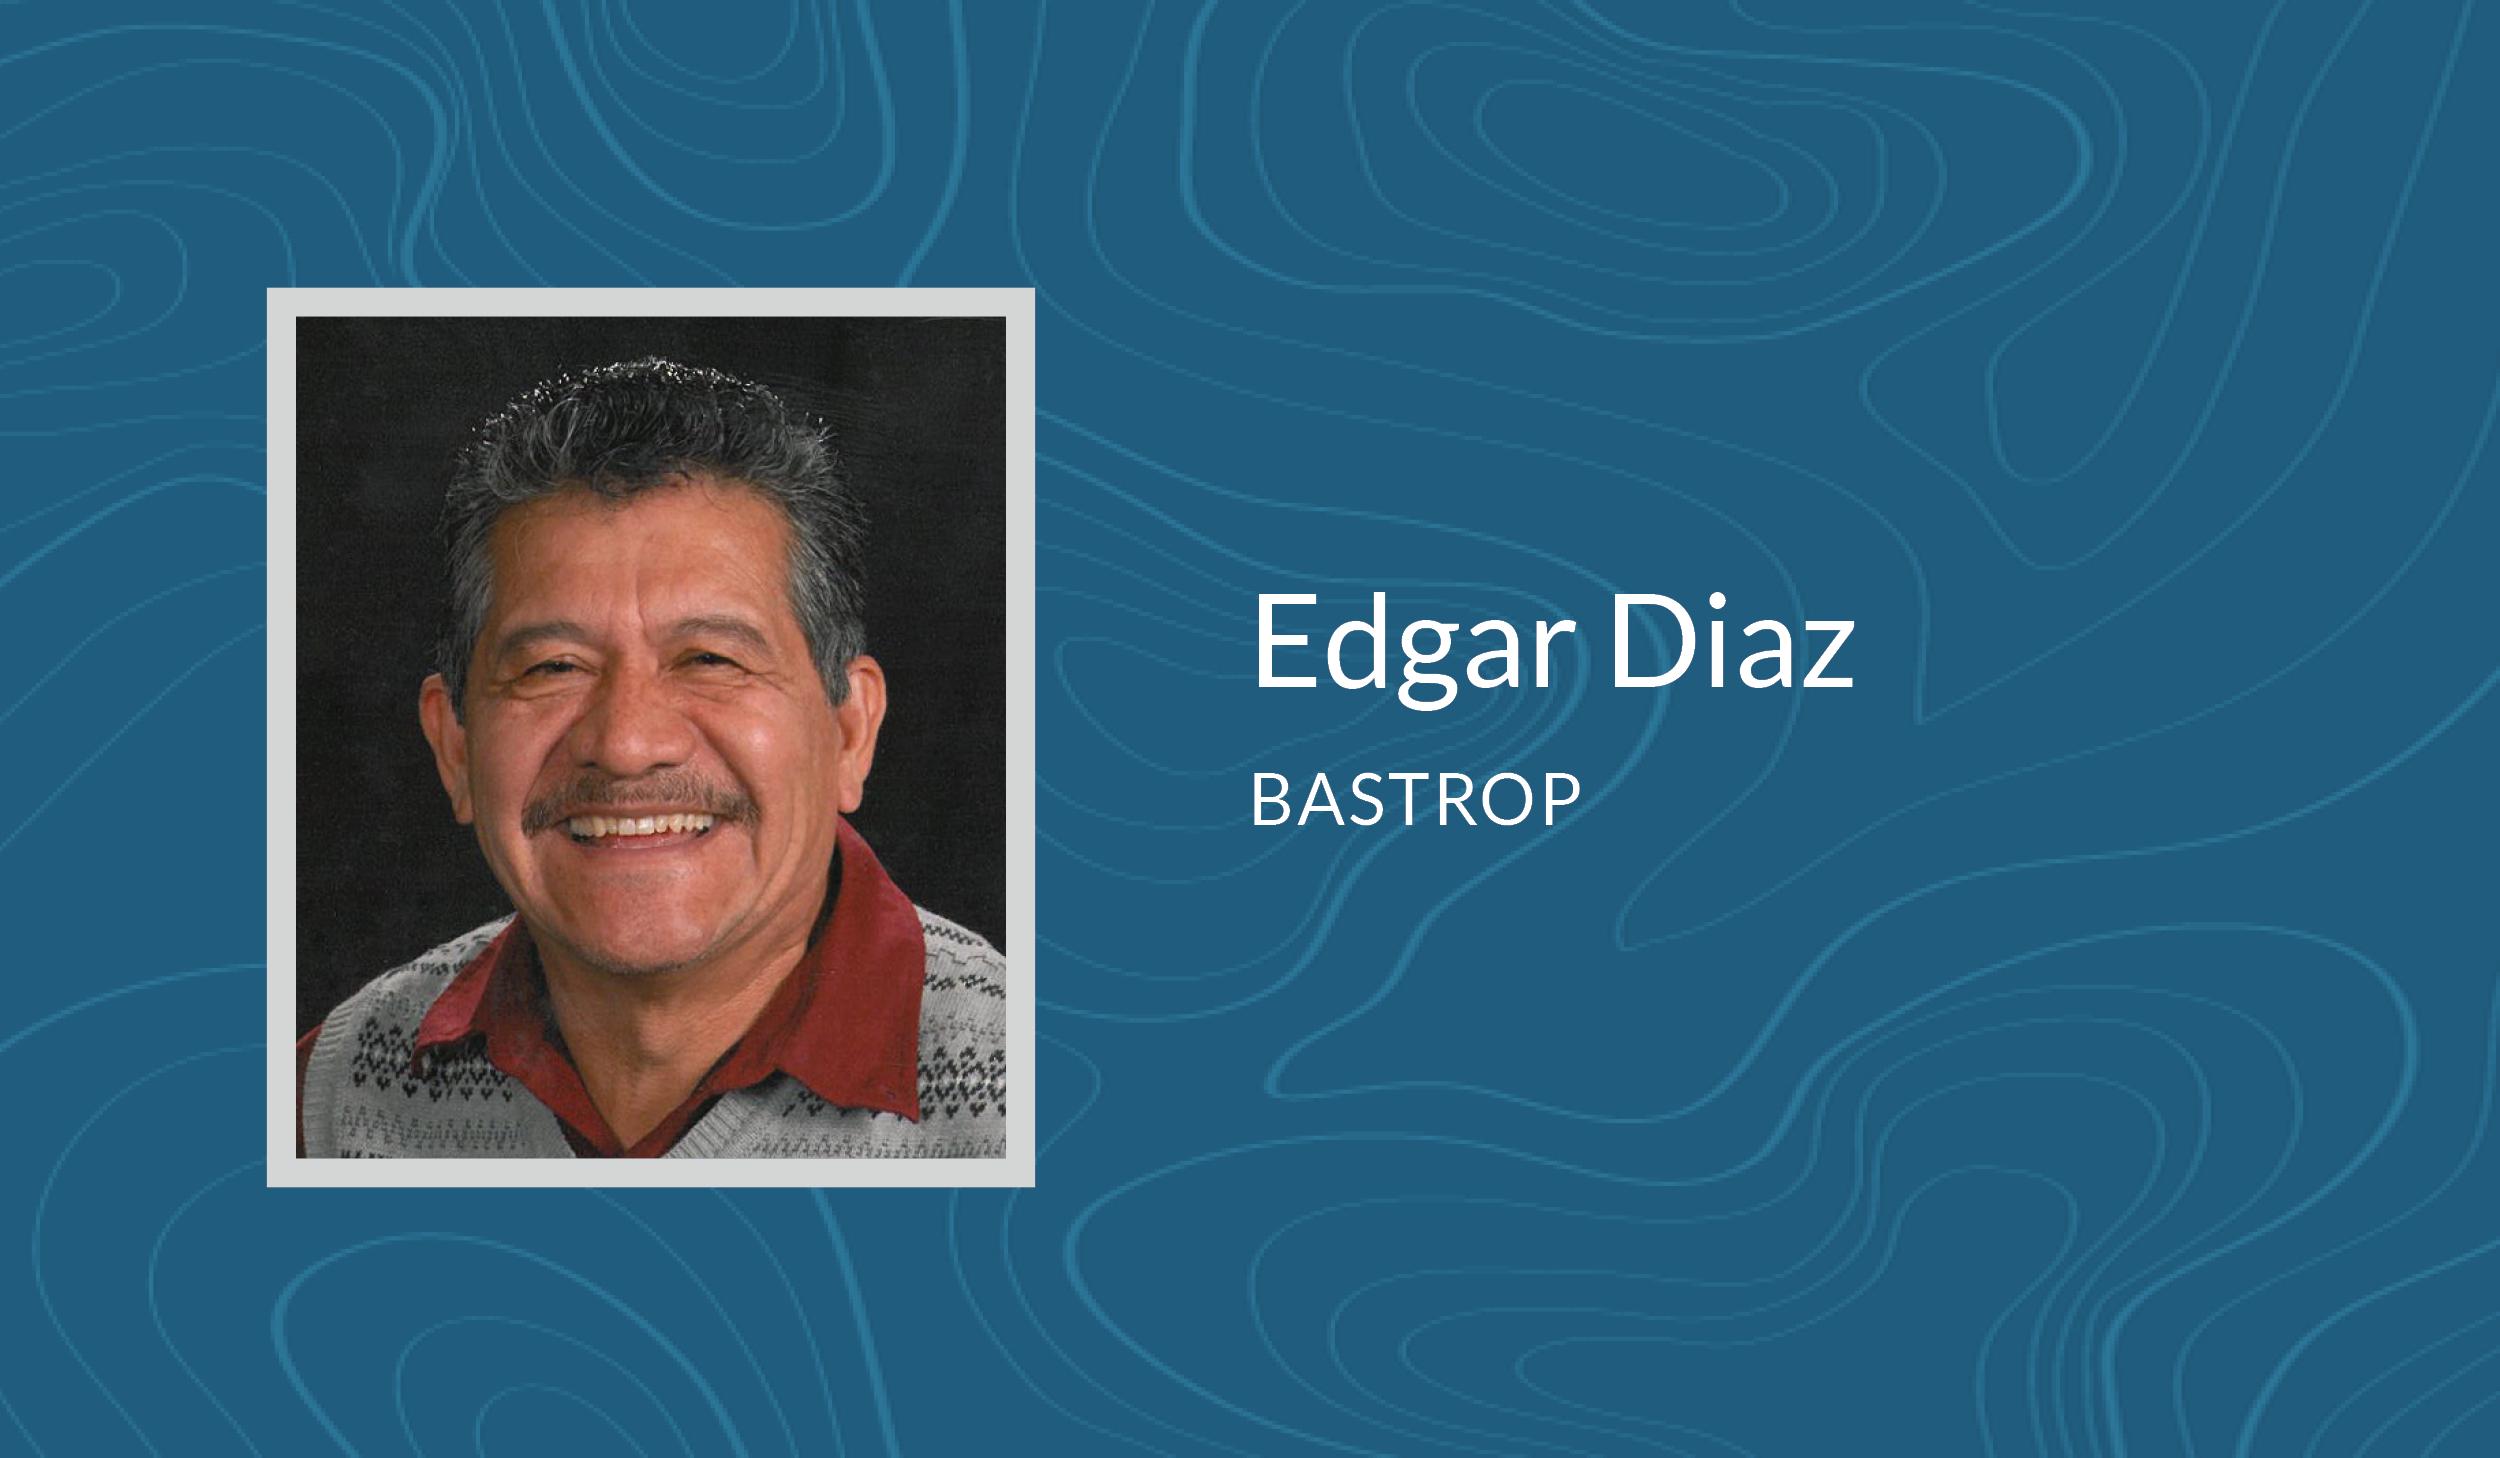 Edgar Diaz Landing Page Headers.png